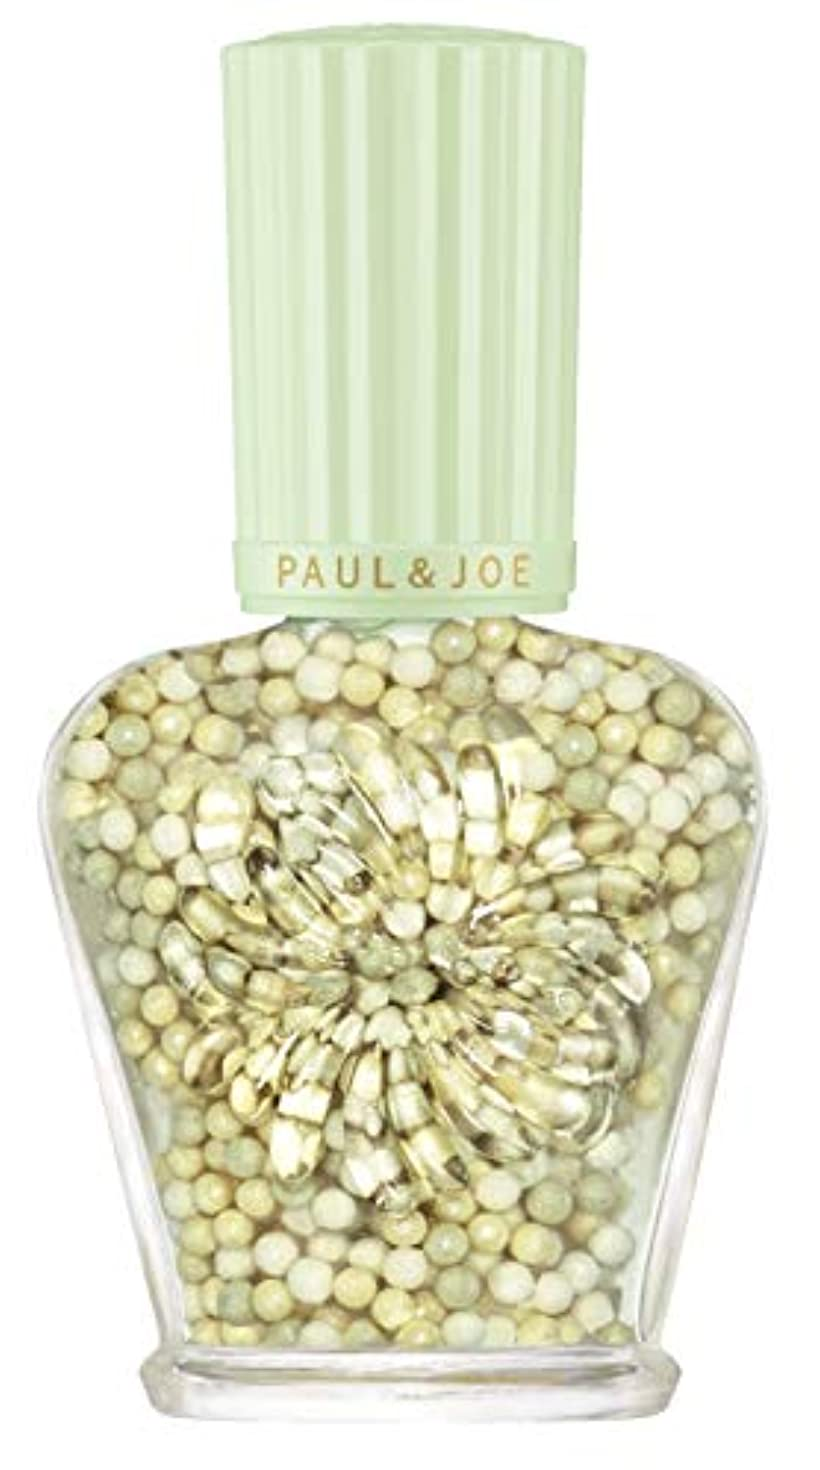 水銀の欠乏連帯paul & joe ポール&ジョー パール ファンデーション プライマー #004 30ml